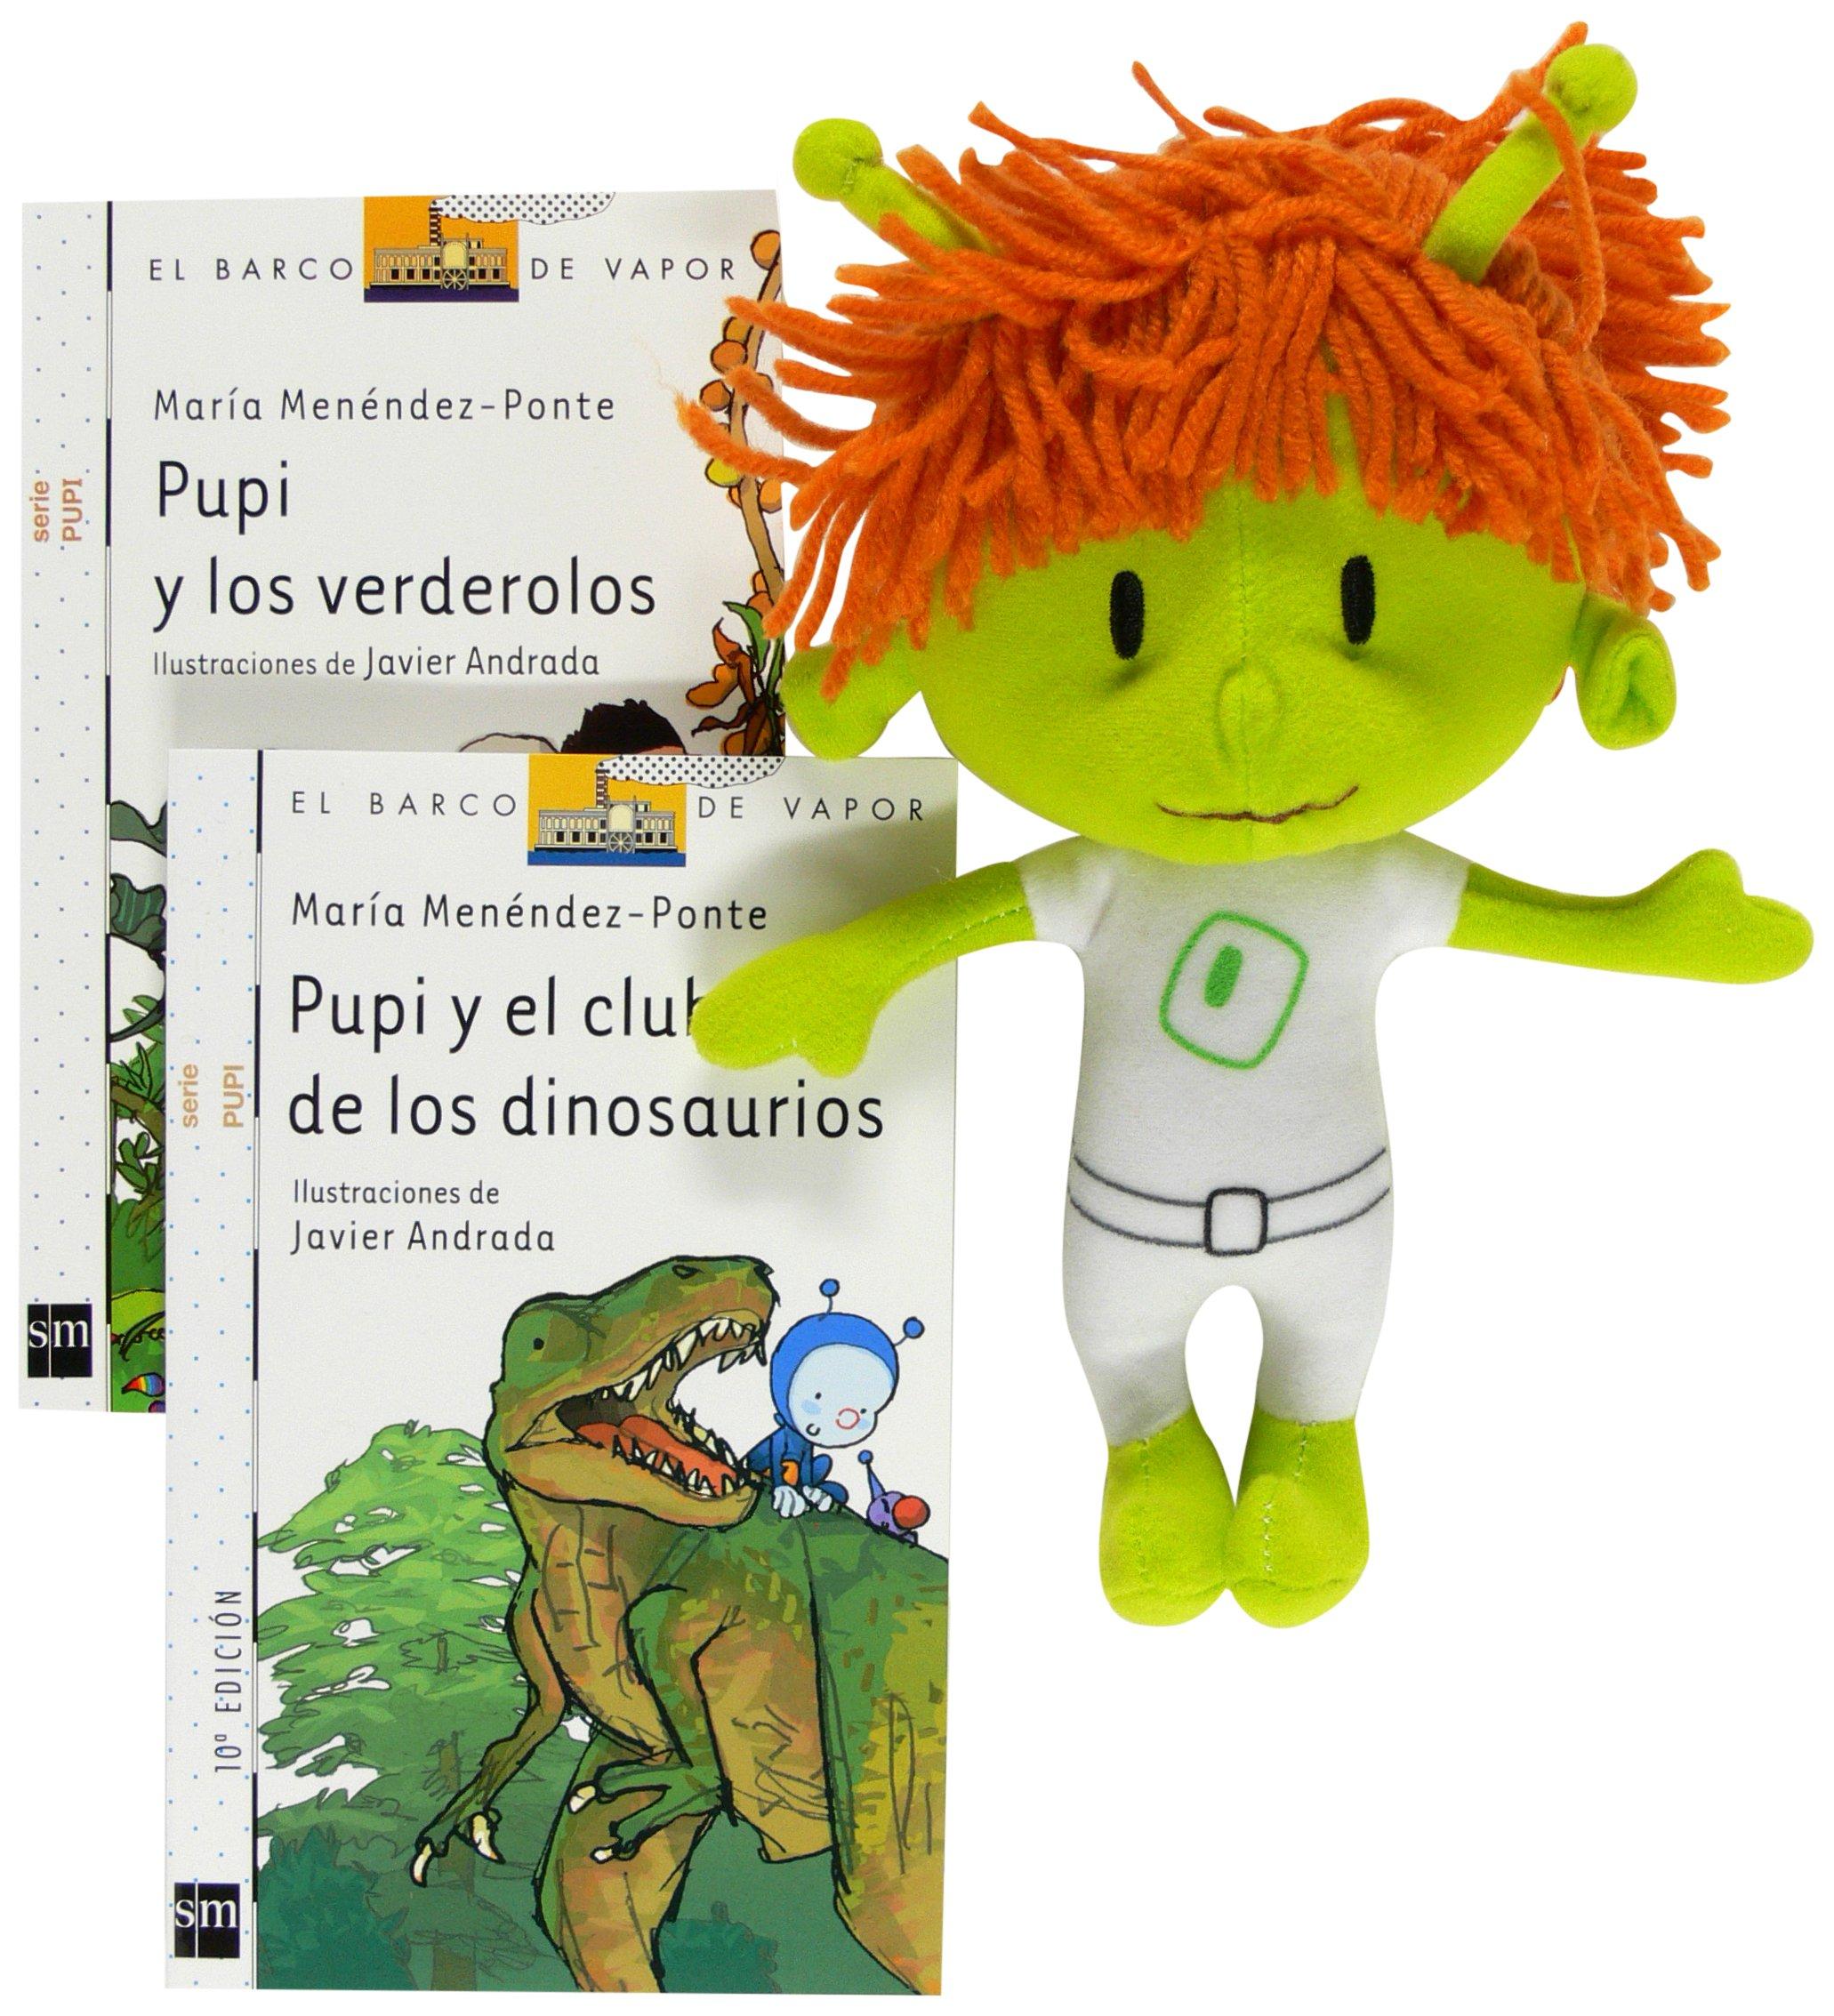 Pack Aloe con mascota (Barco de Vapor Blanca): Amazon.es: Menéndez ...